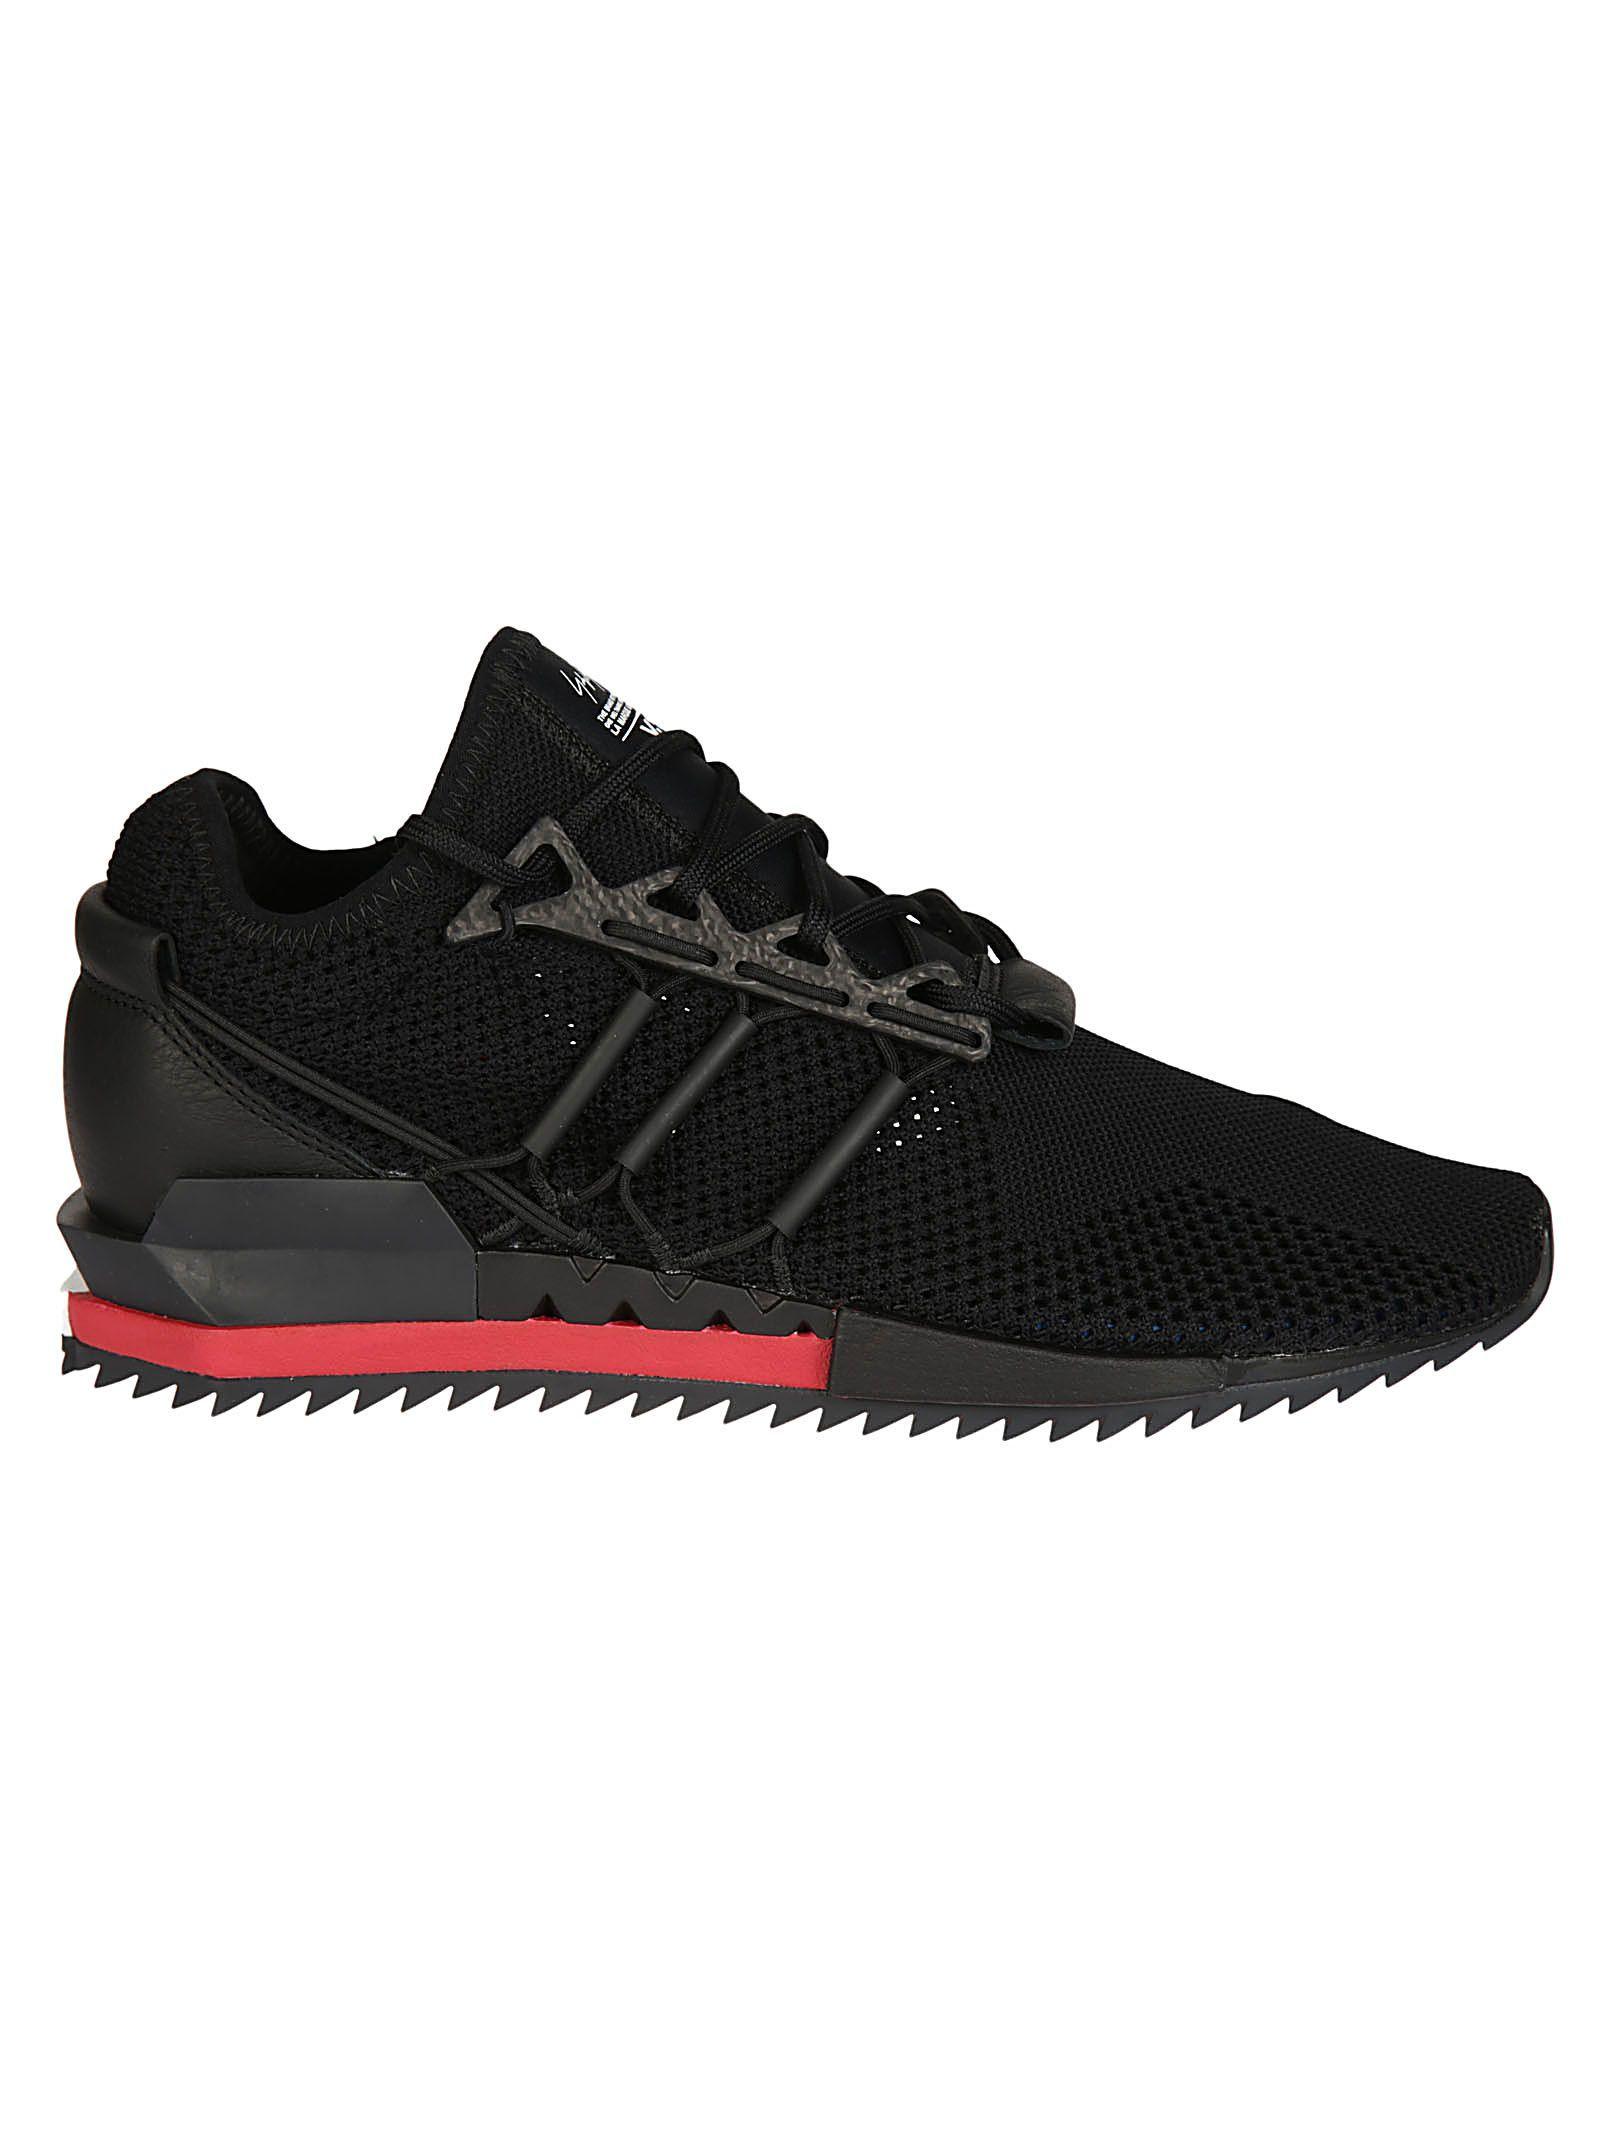 Adidas Adidas y 3 harigane zapatilla zapatos zapatillas adidas